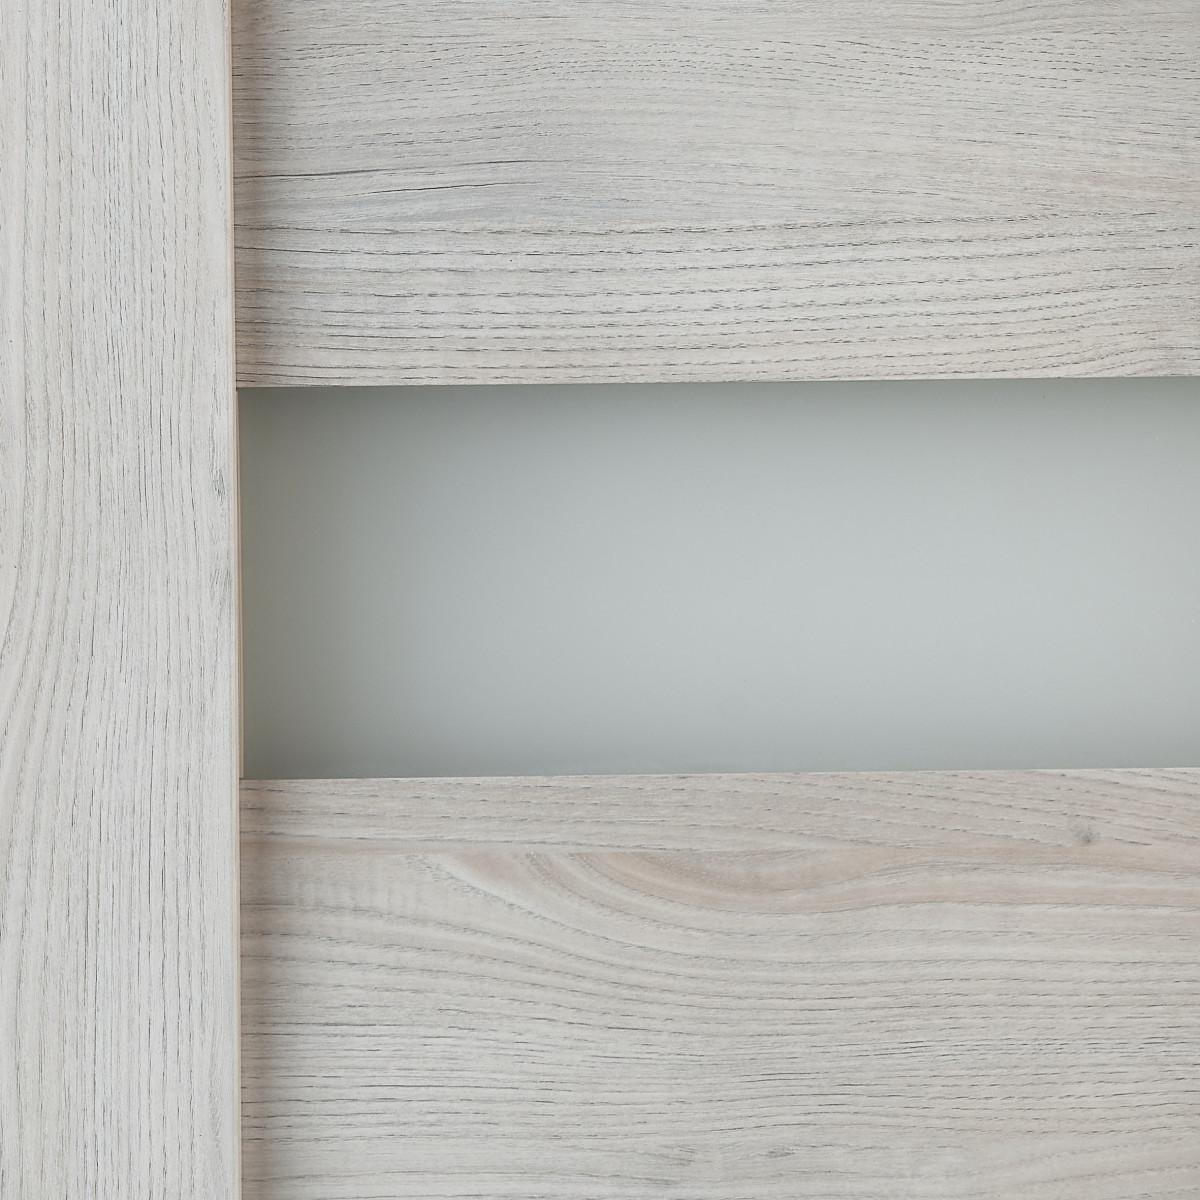 Дверь Межкомнатная Остеклённая Лайн 70x200 Цвет Дуб Бриг